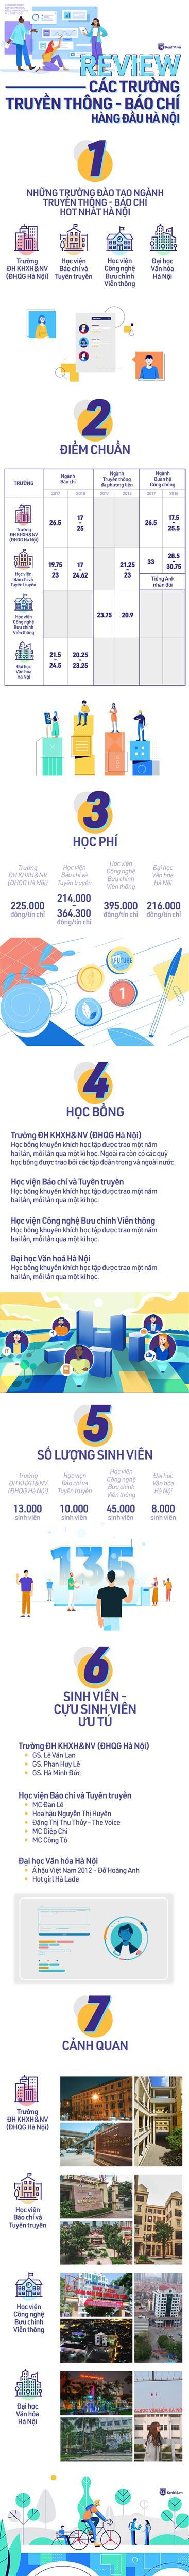 Top trường đào tạo ngành Truyền thông - Báo chí tốt nhất Hà Nội: ĐH Nhân văn hay Học viện Báo chí được sinh viên lựa chọn nhiều hơn?-1